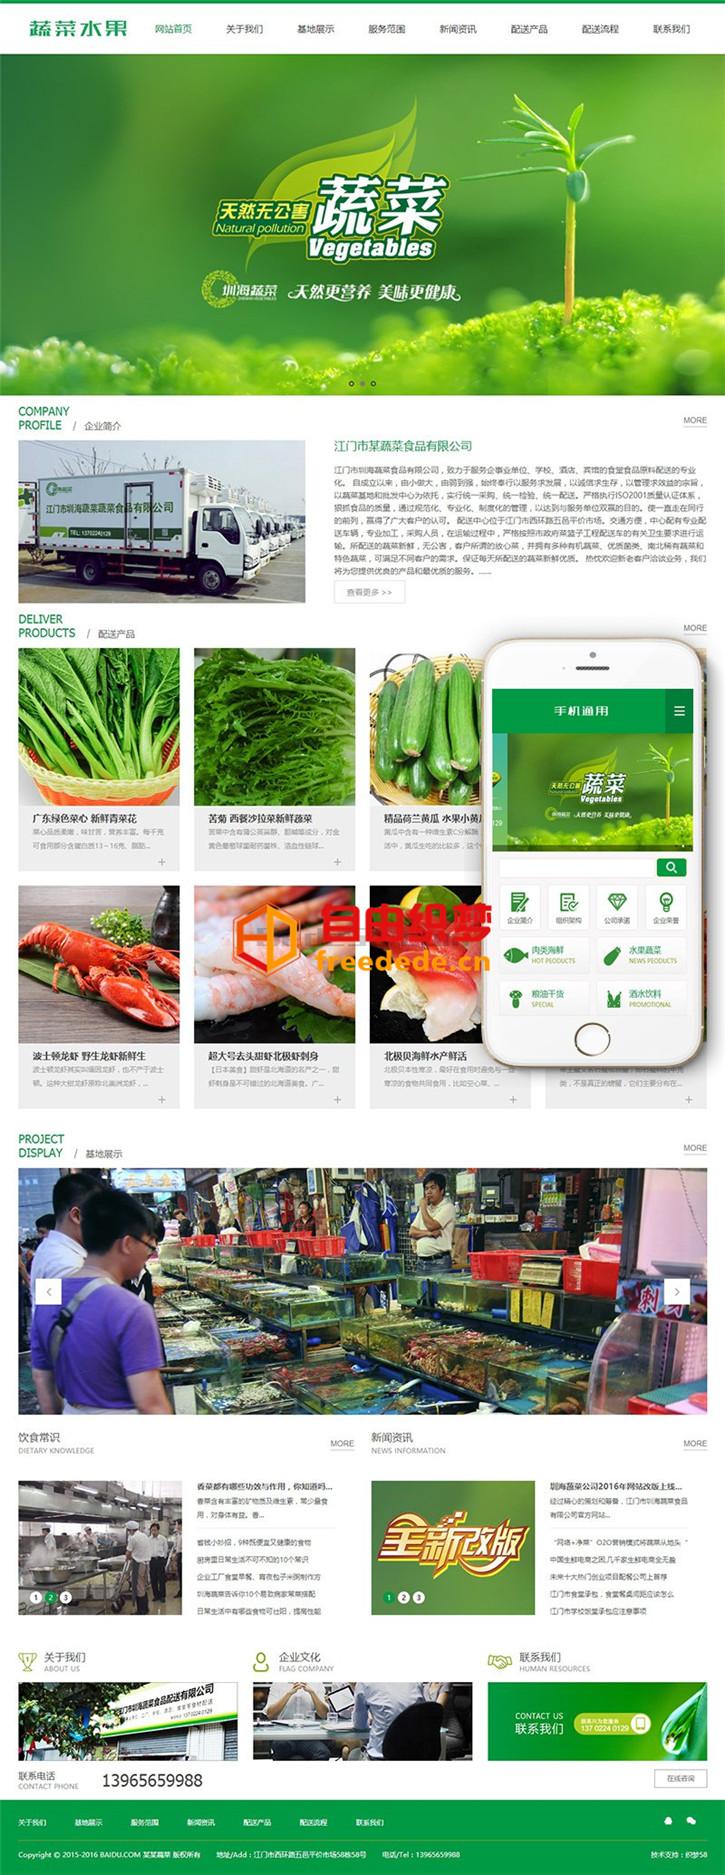 爱上源码网文章dedecms网站源码绿色蔬菜水果产品类网站织梦模板(带手机端)的内容插图